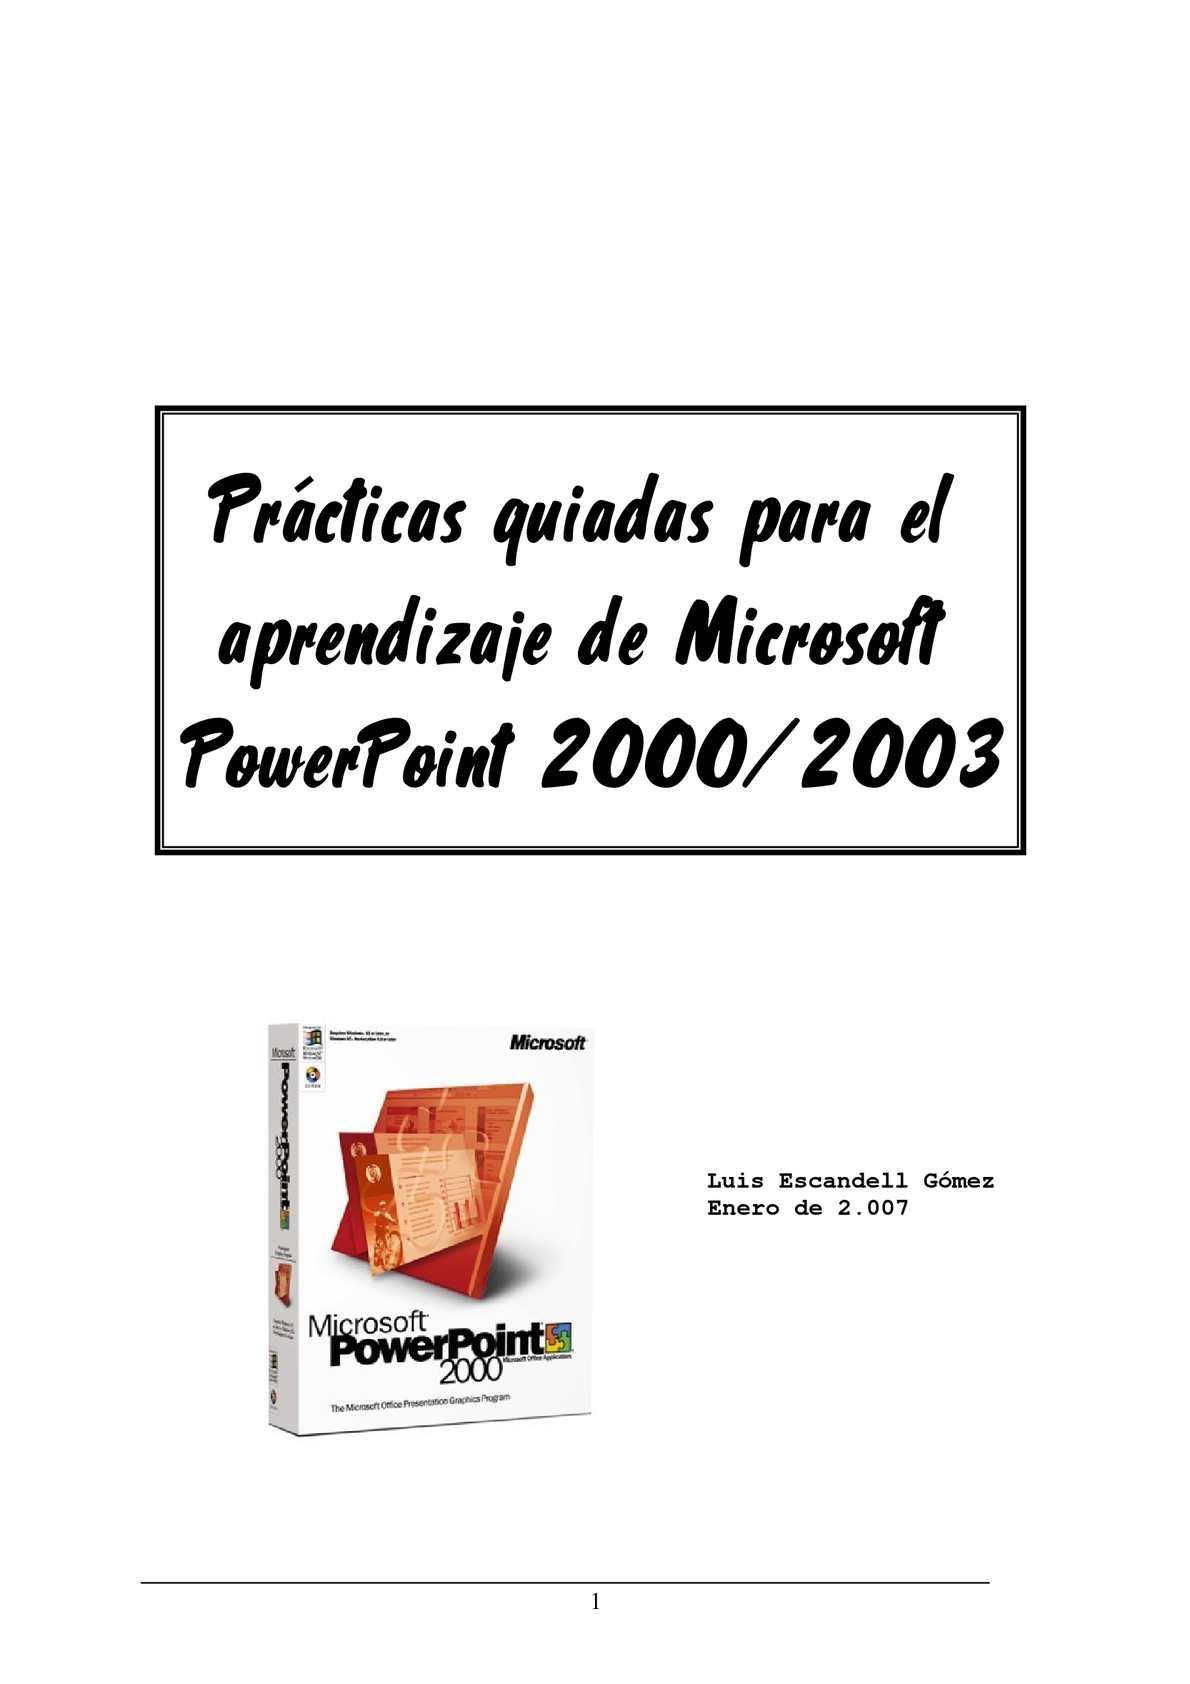 Calaméo - manual de powerpoint